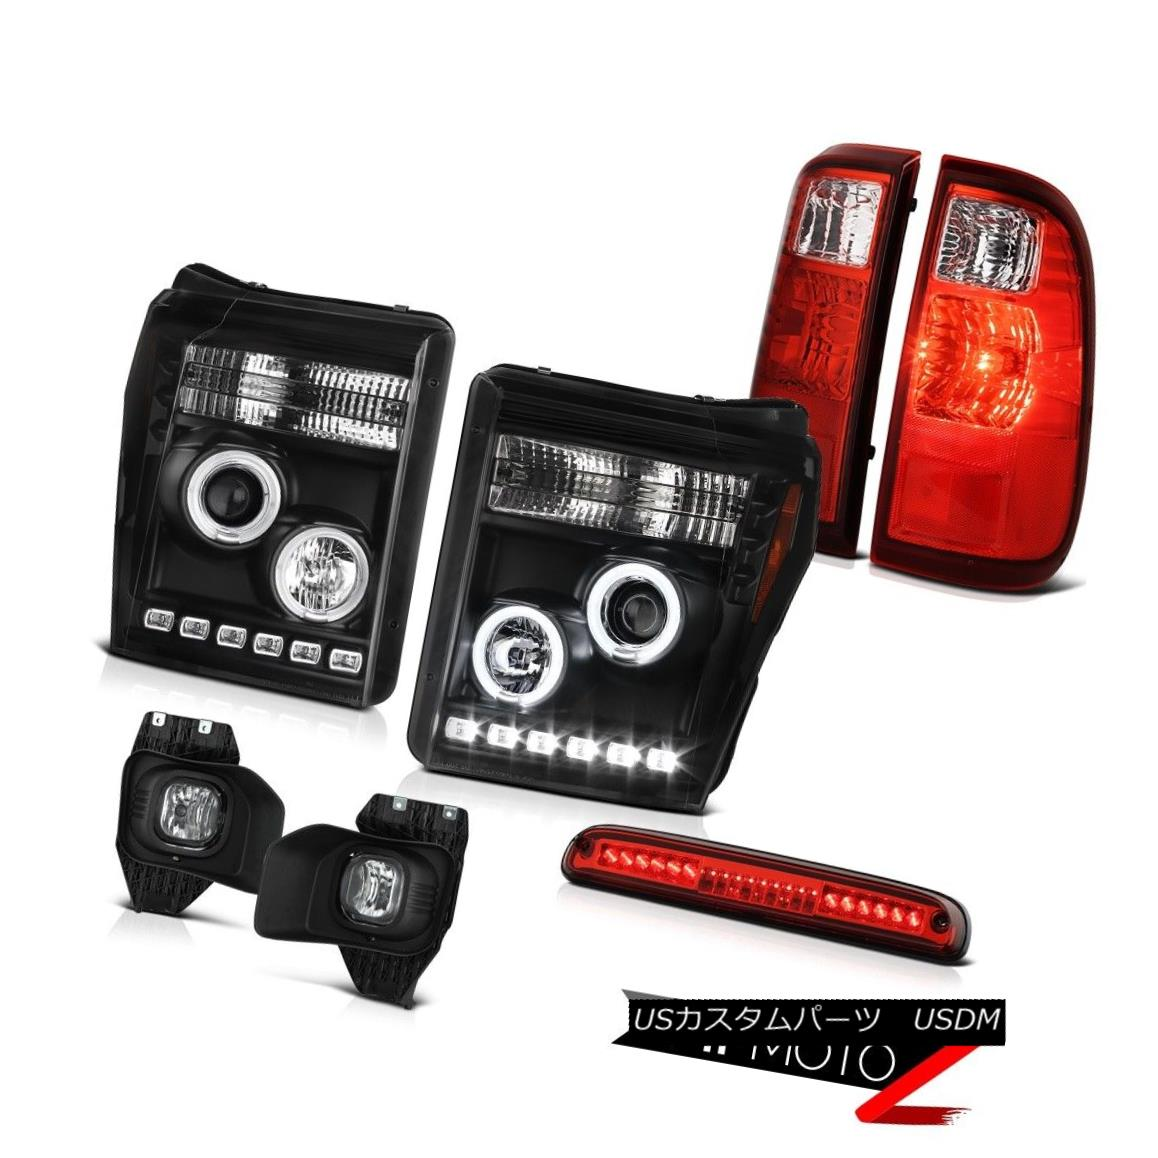 ヘッドライト 11-16 Ford F-350 Third Brake Lamp Foglamps Tail Lights Matte Black Headlights 11-16フォードF-350第3ブレーキランプフォグランプテールライトマットブラックヘッドライト